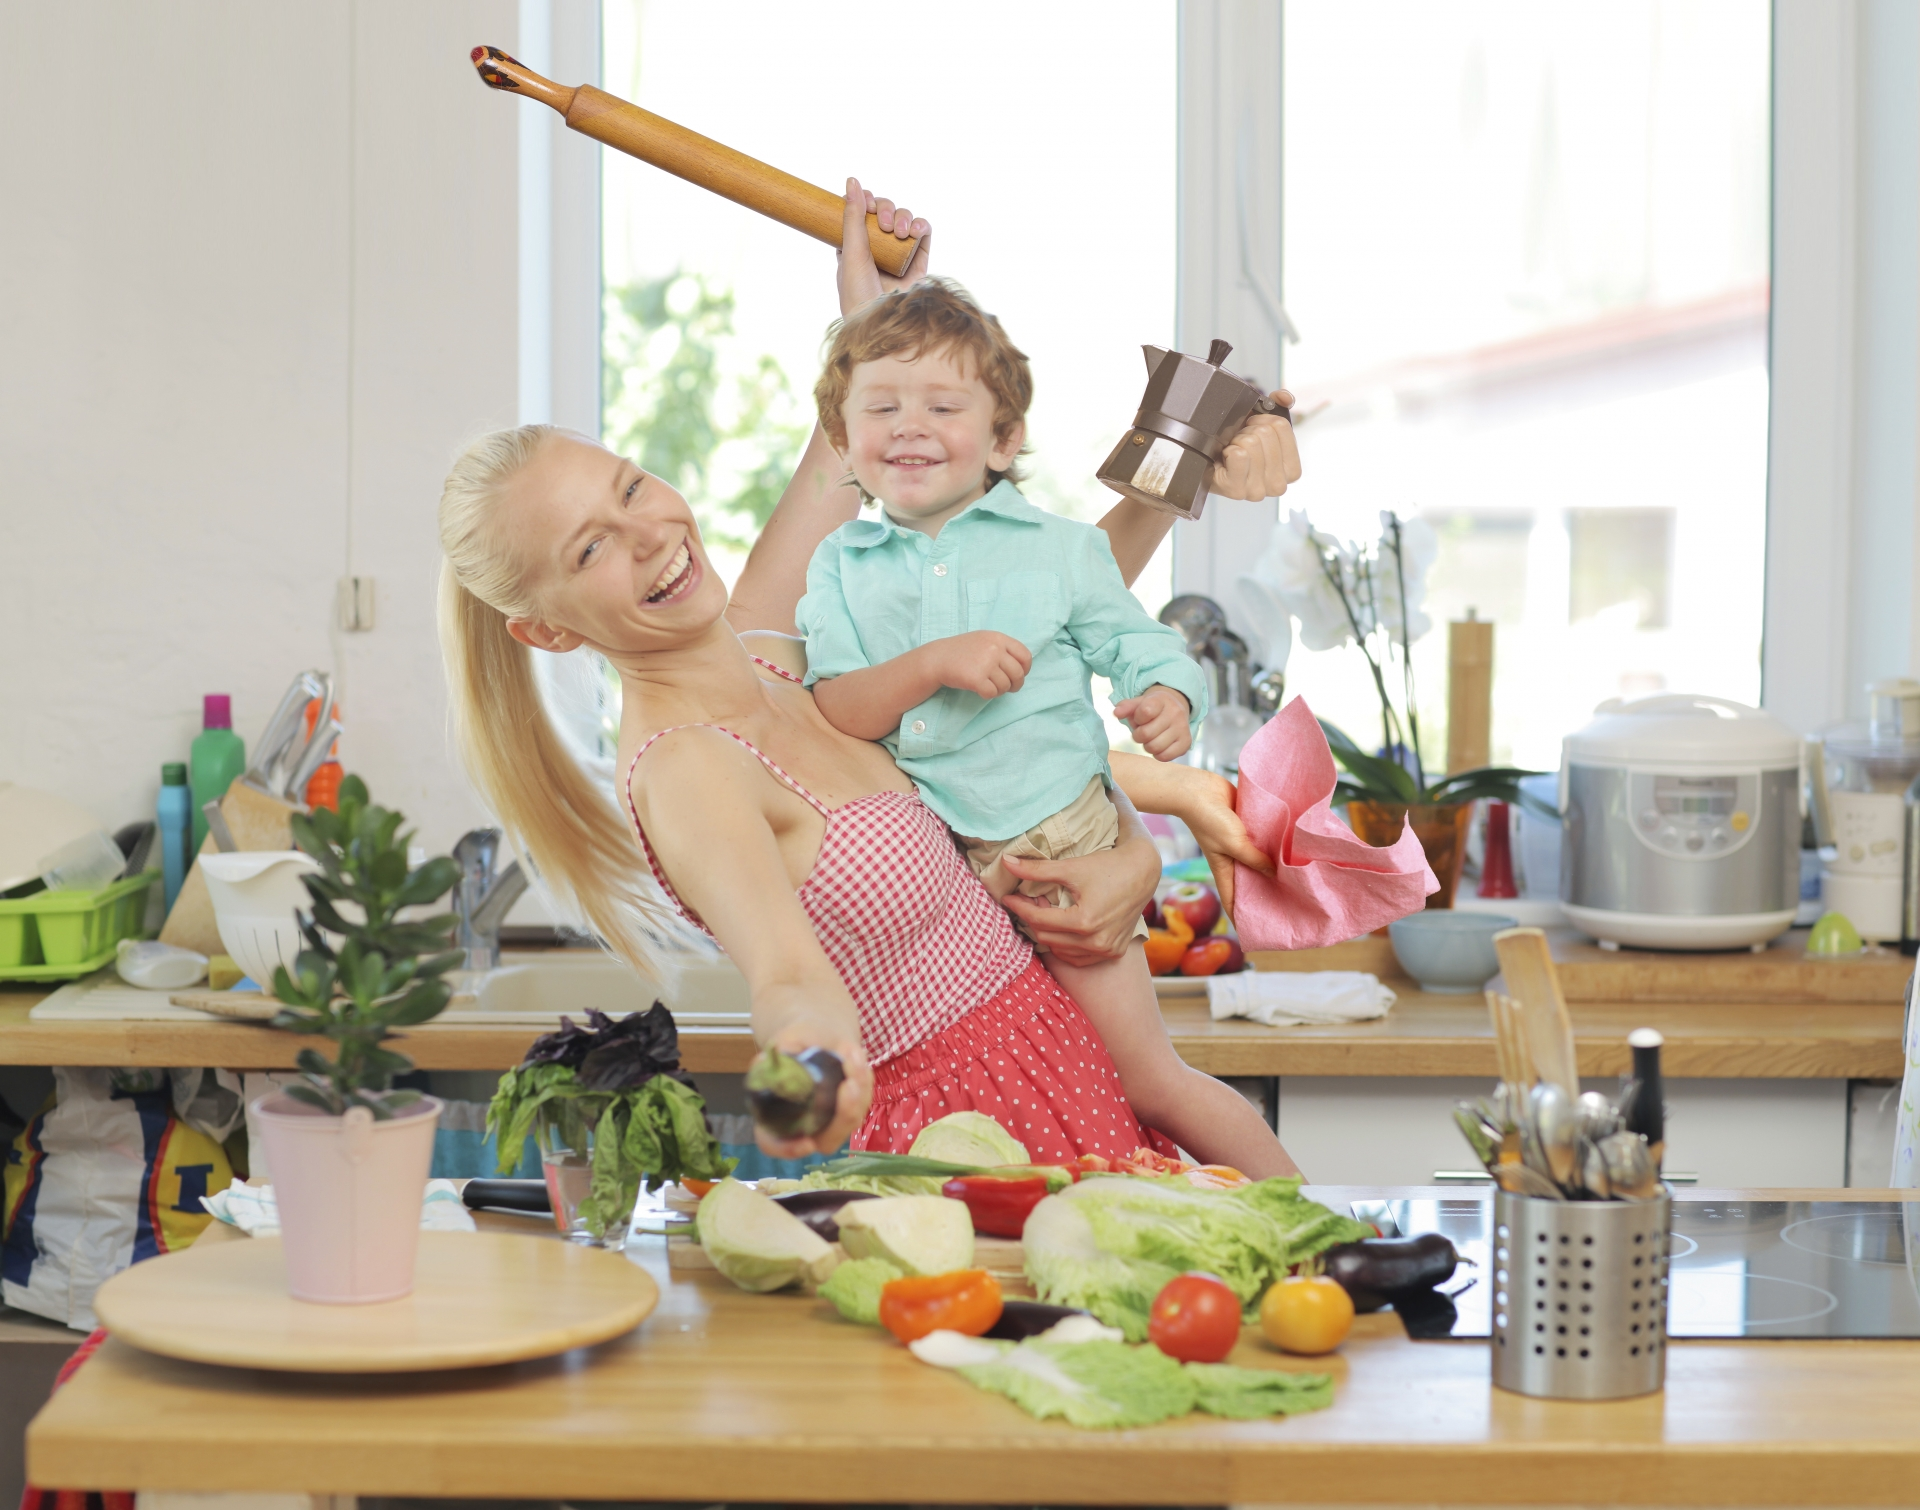 共働きで夫が単身赴任に!ワンオペ育児への対策と無理なく乗り切る方法